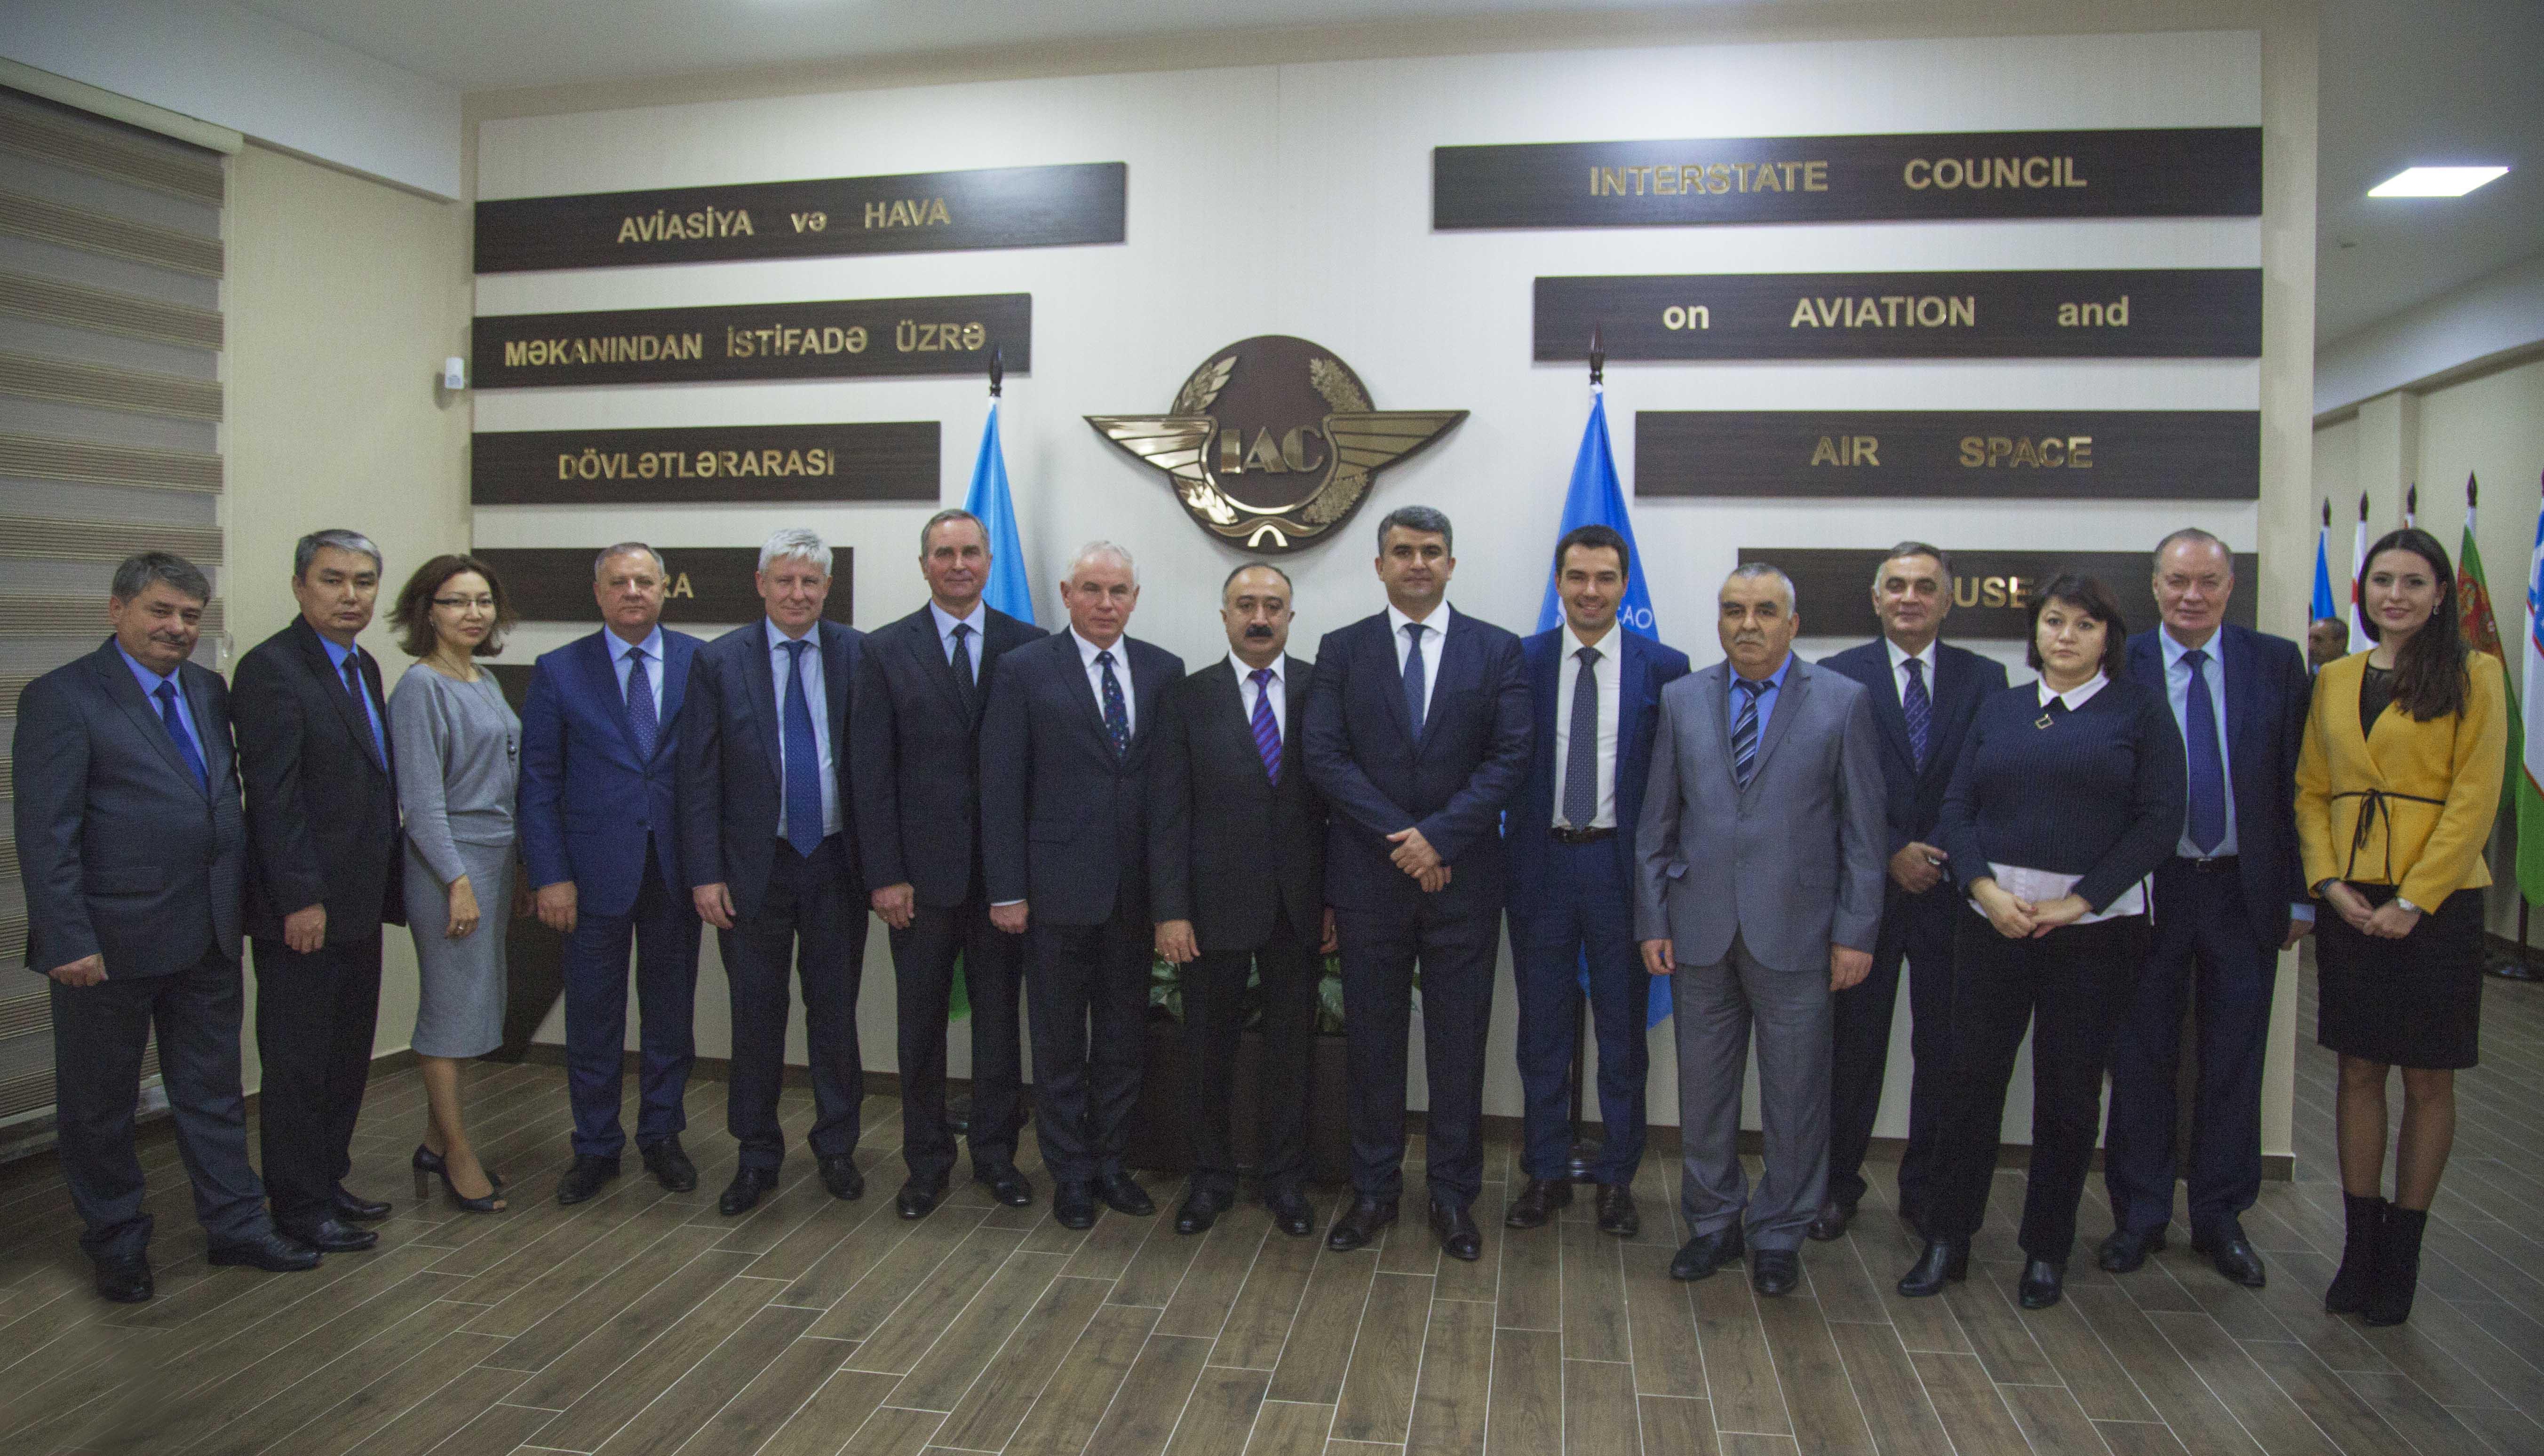 В Баку состоялась конференция Совета по авиации и использованию воздушного пространства